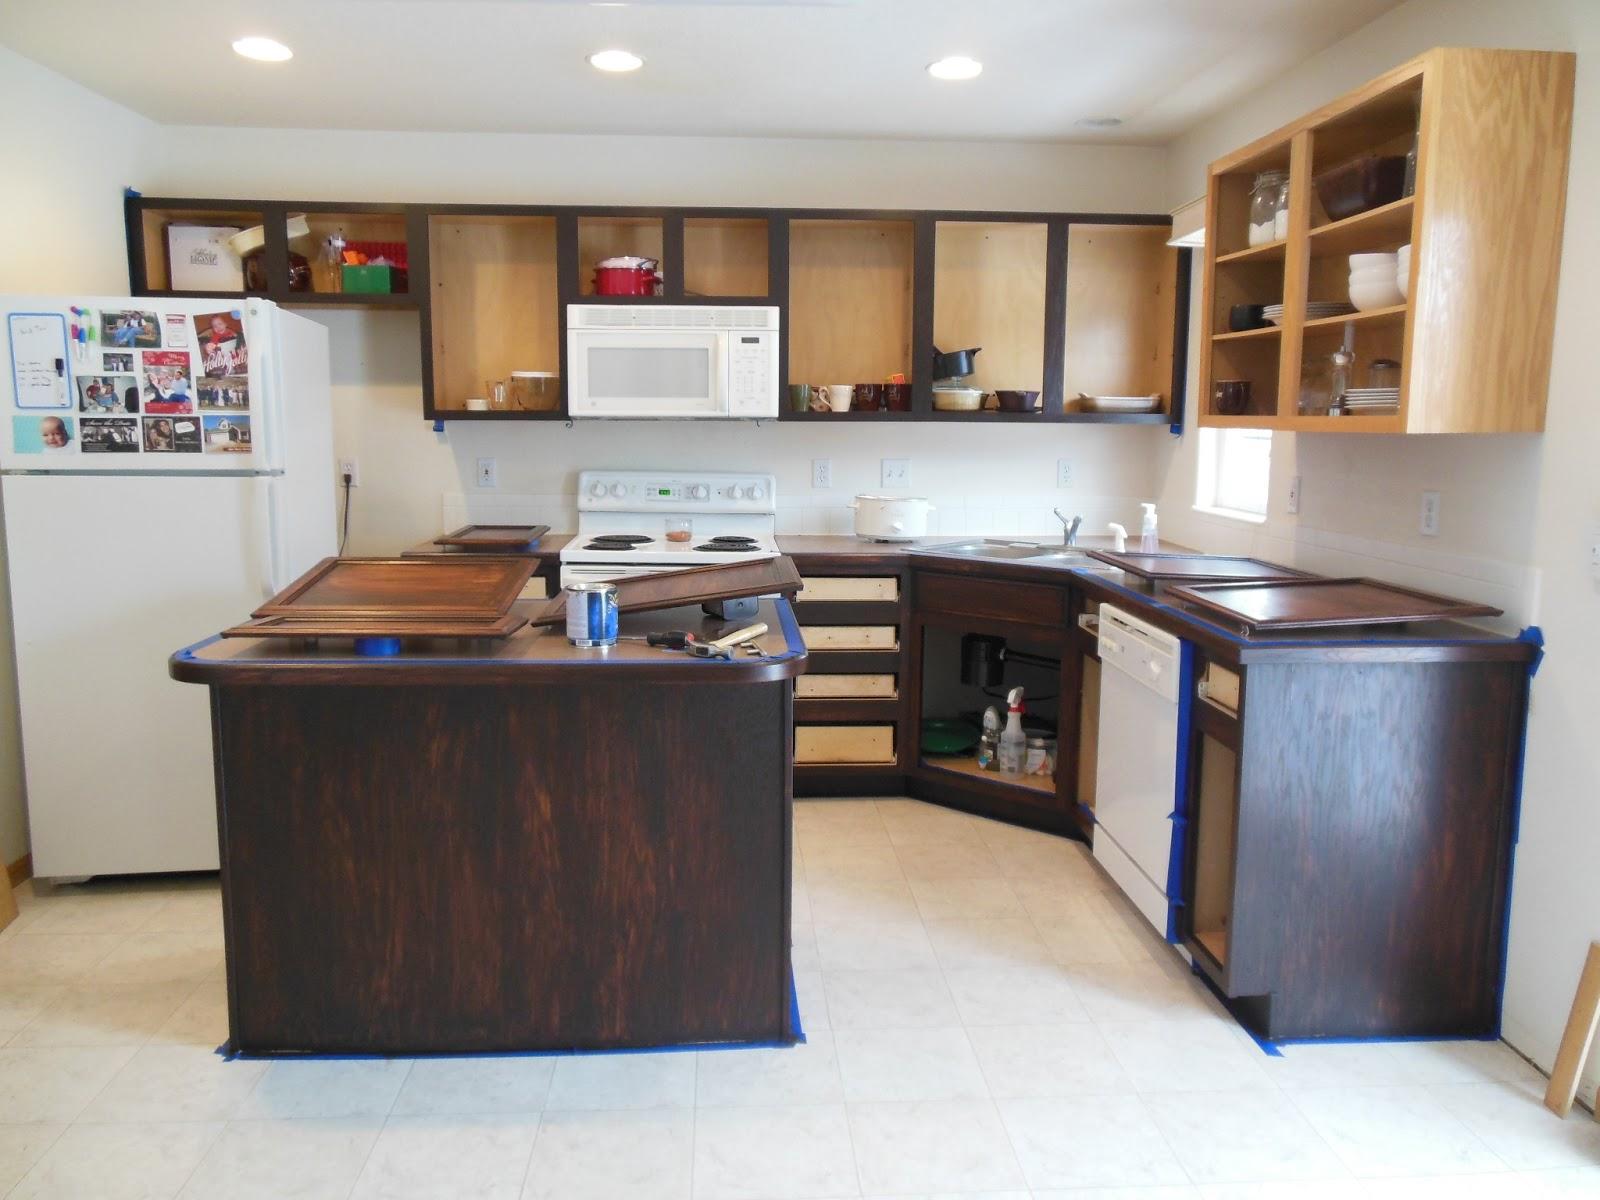 restaining-kitchen-cabinets-gel-stain-photo-9